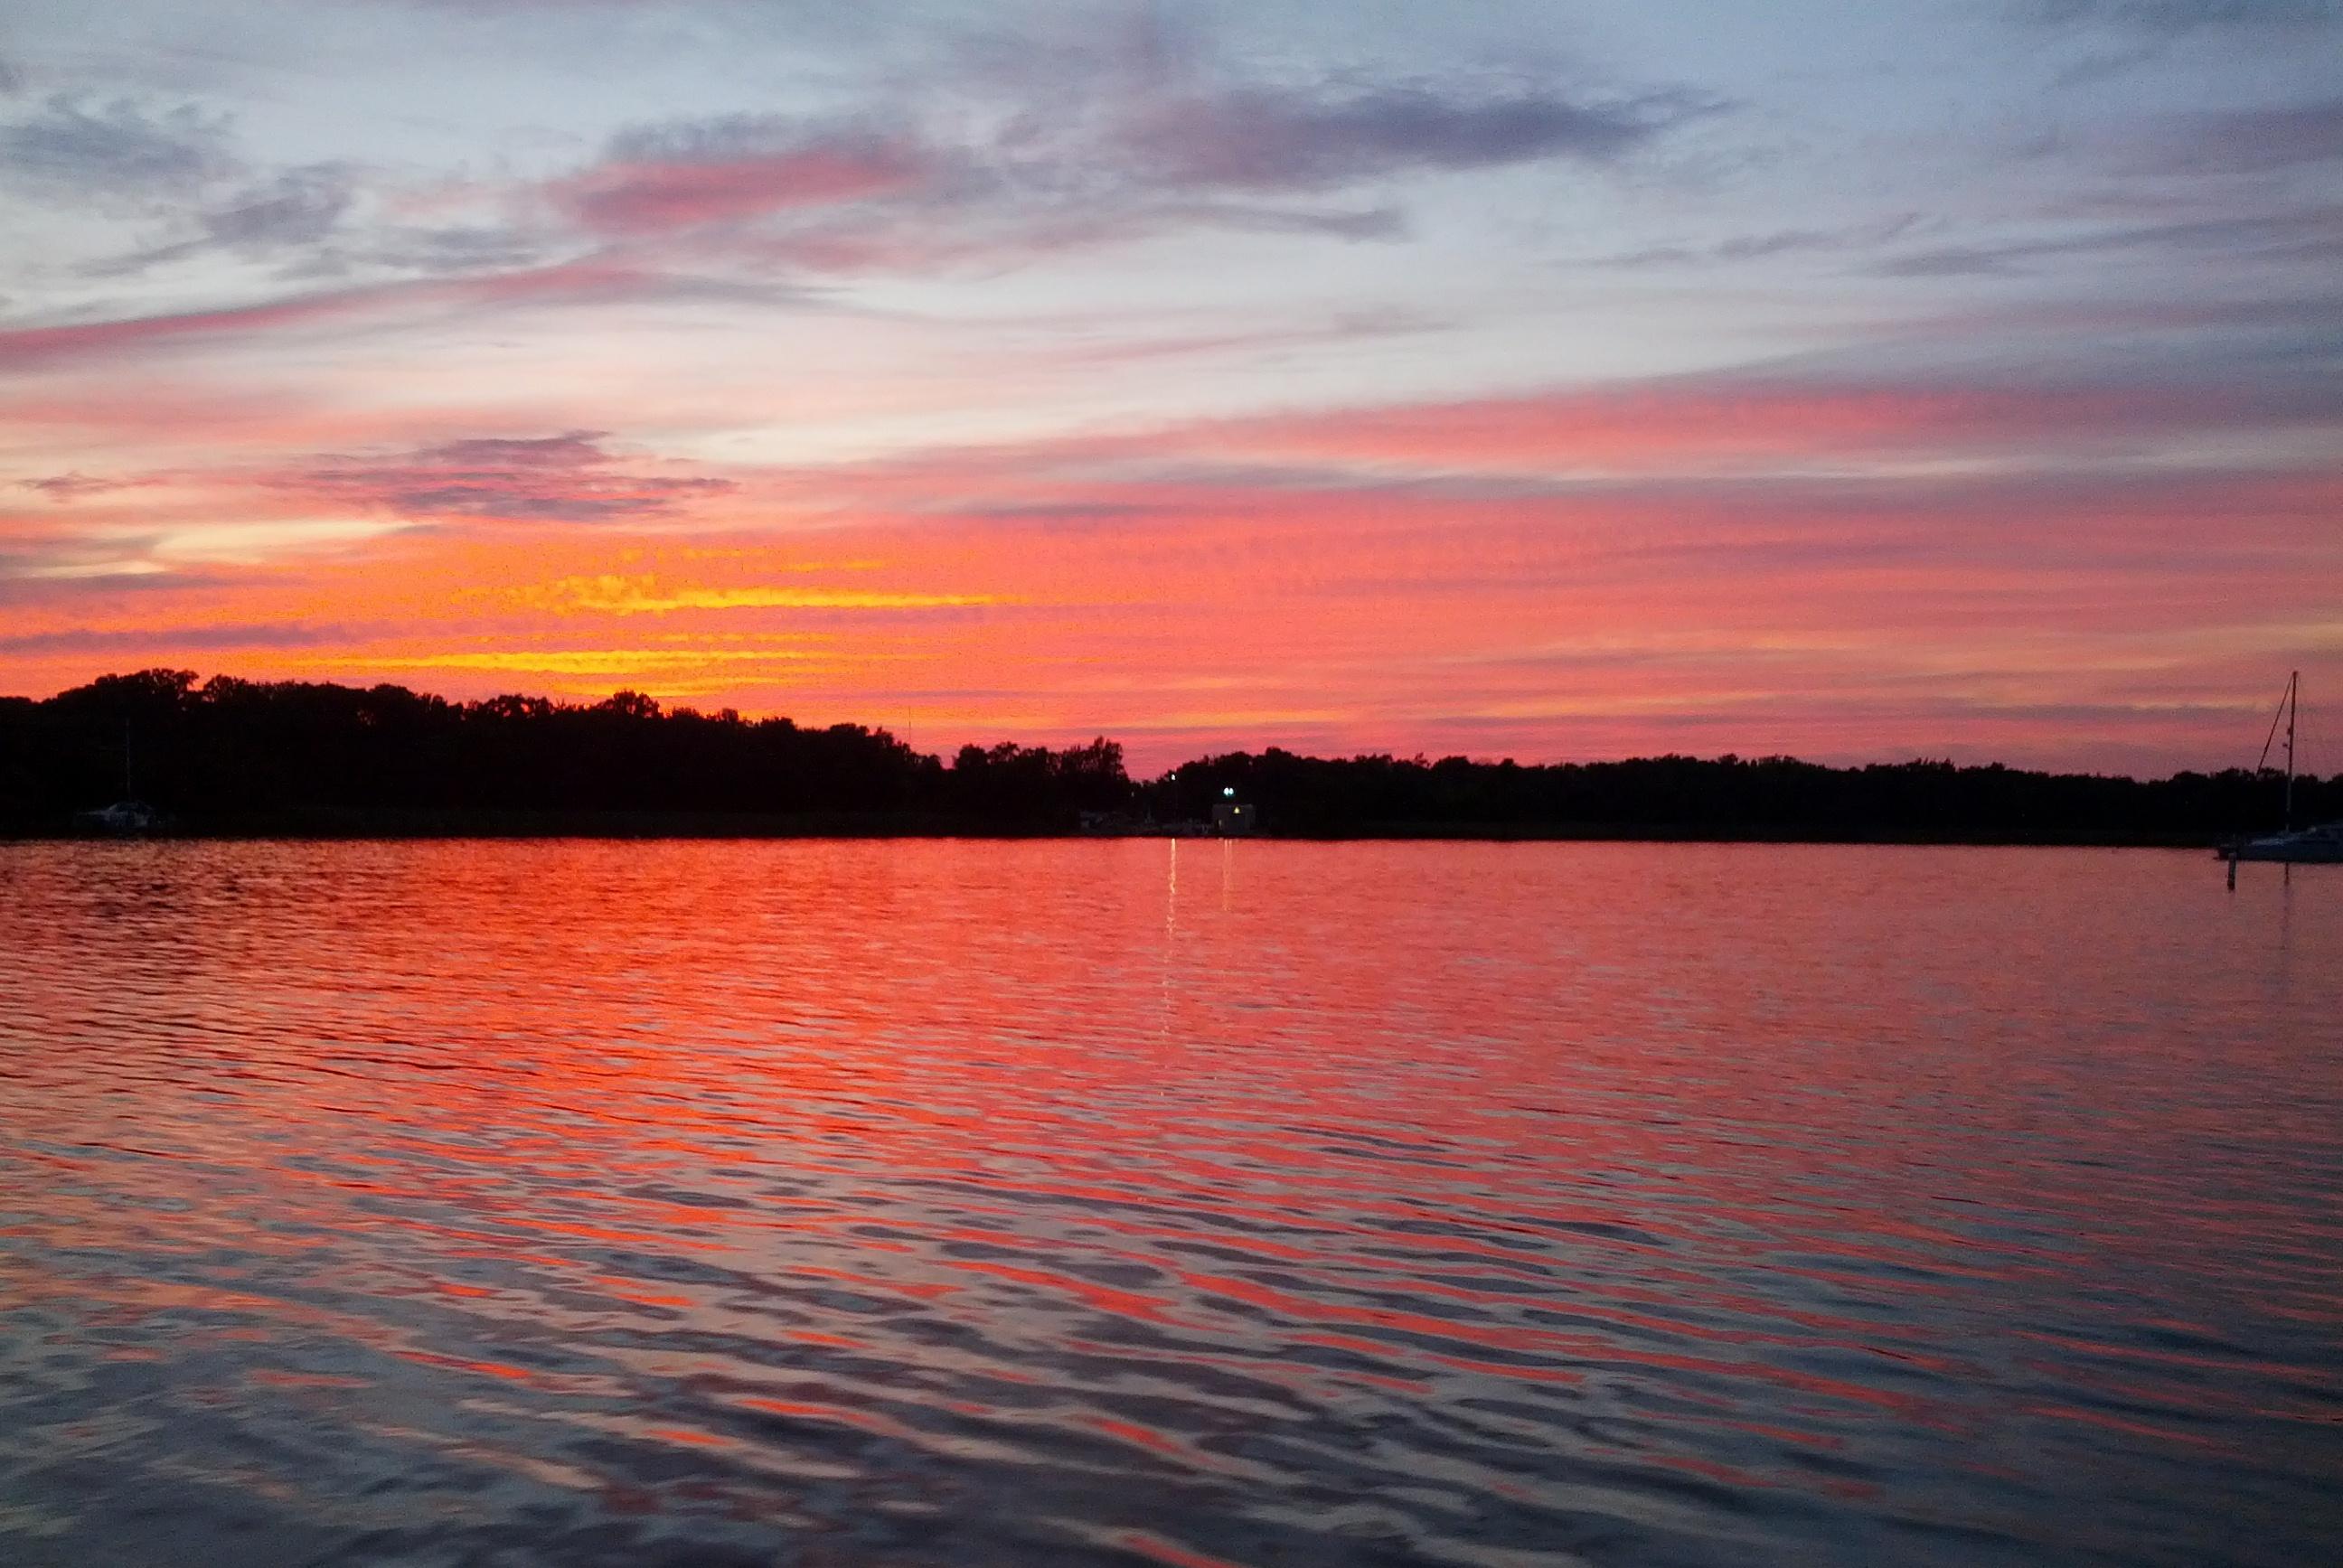 Sunset on the Chesapeake